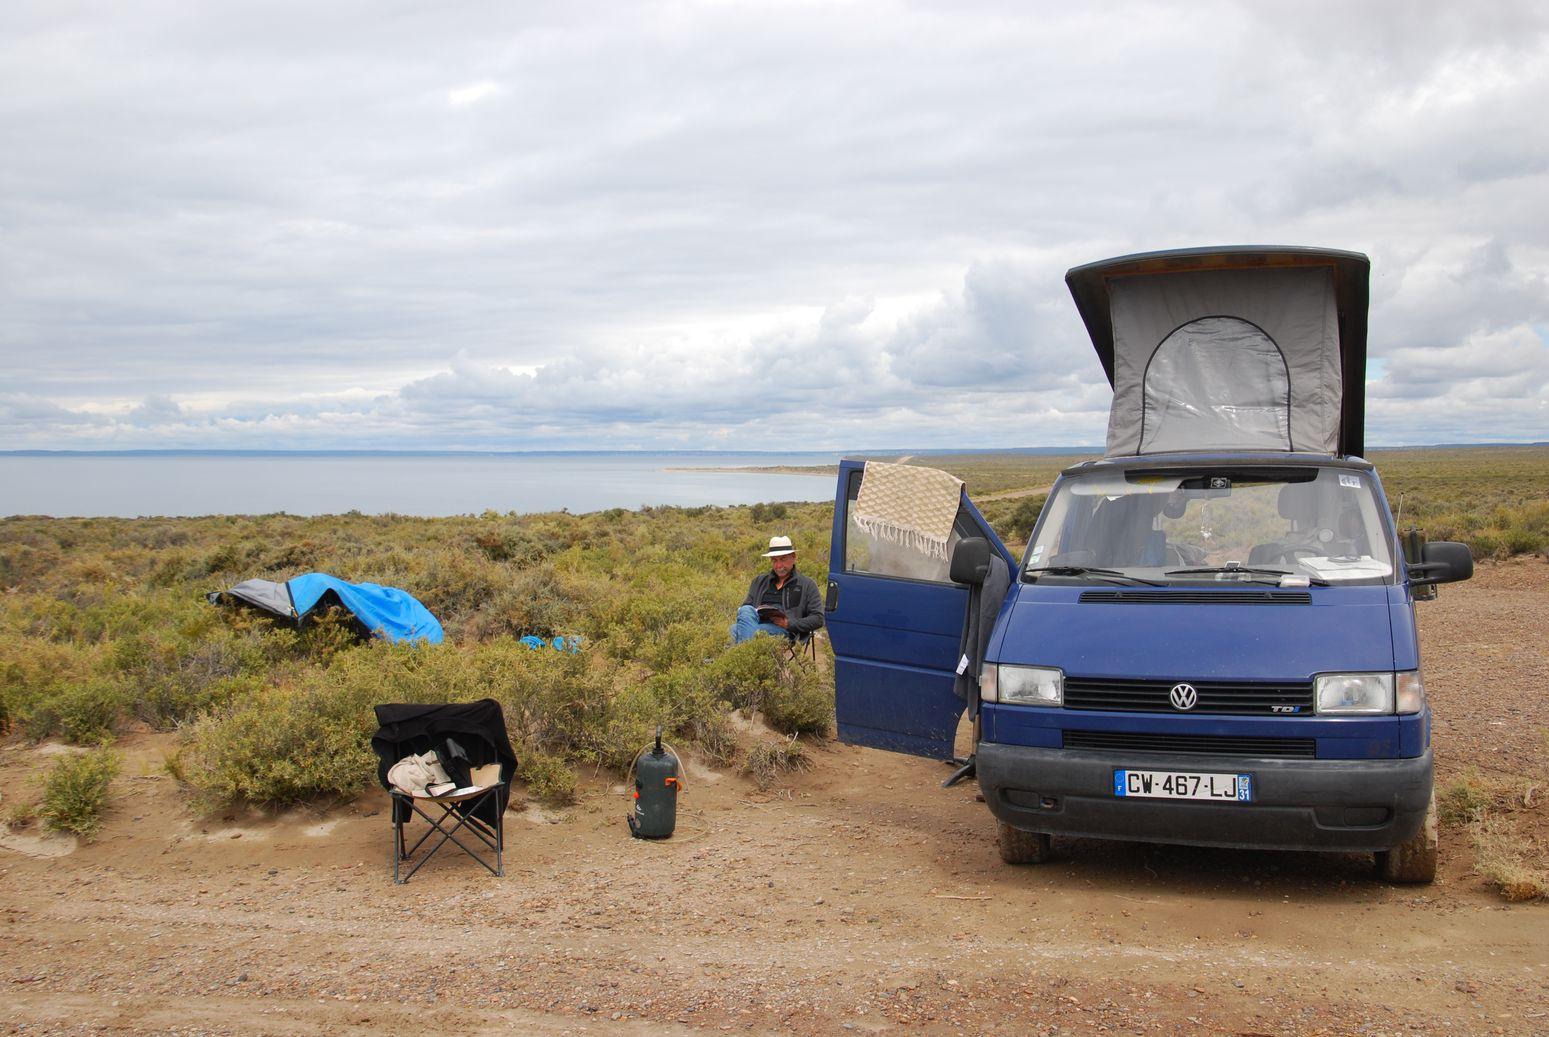 Argentine_Puerto Madryn